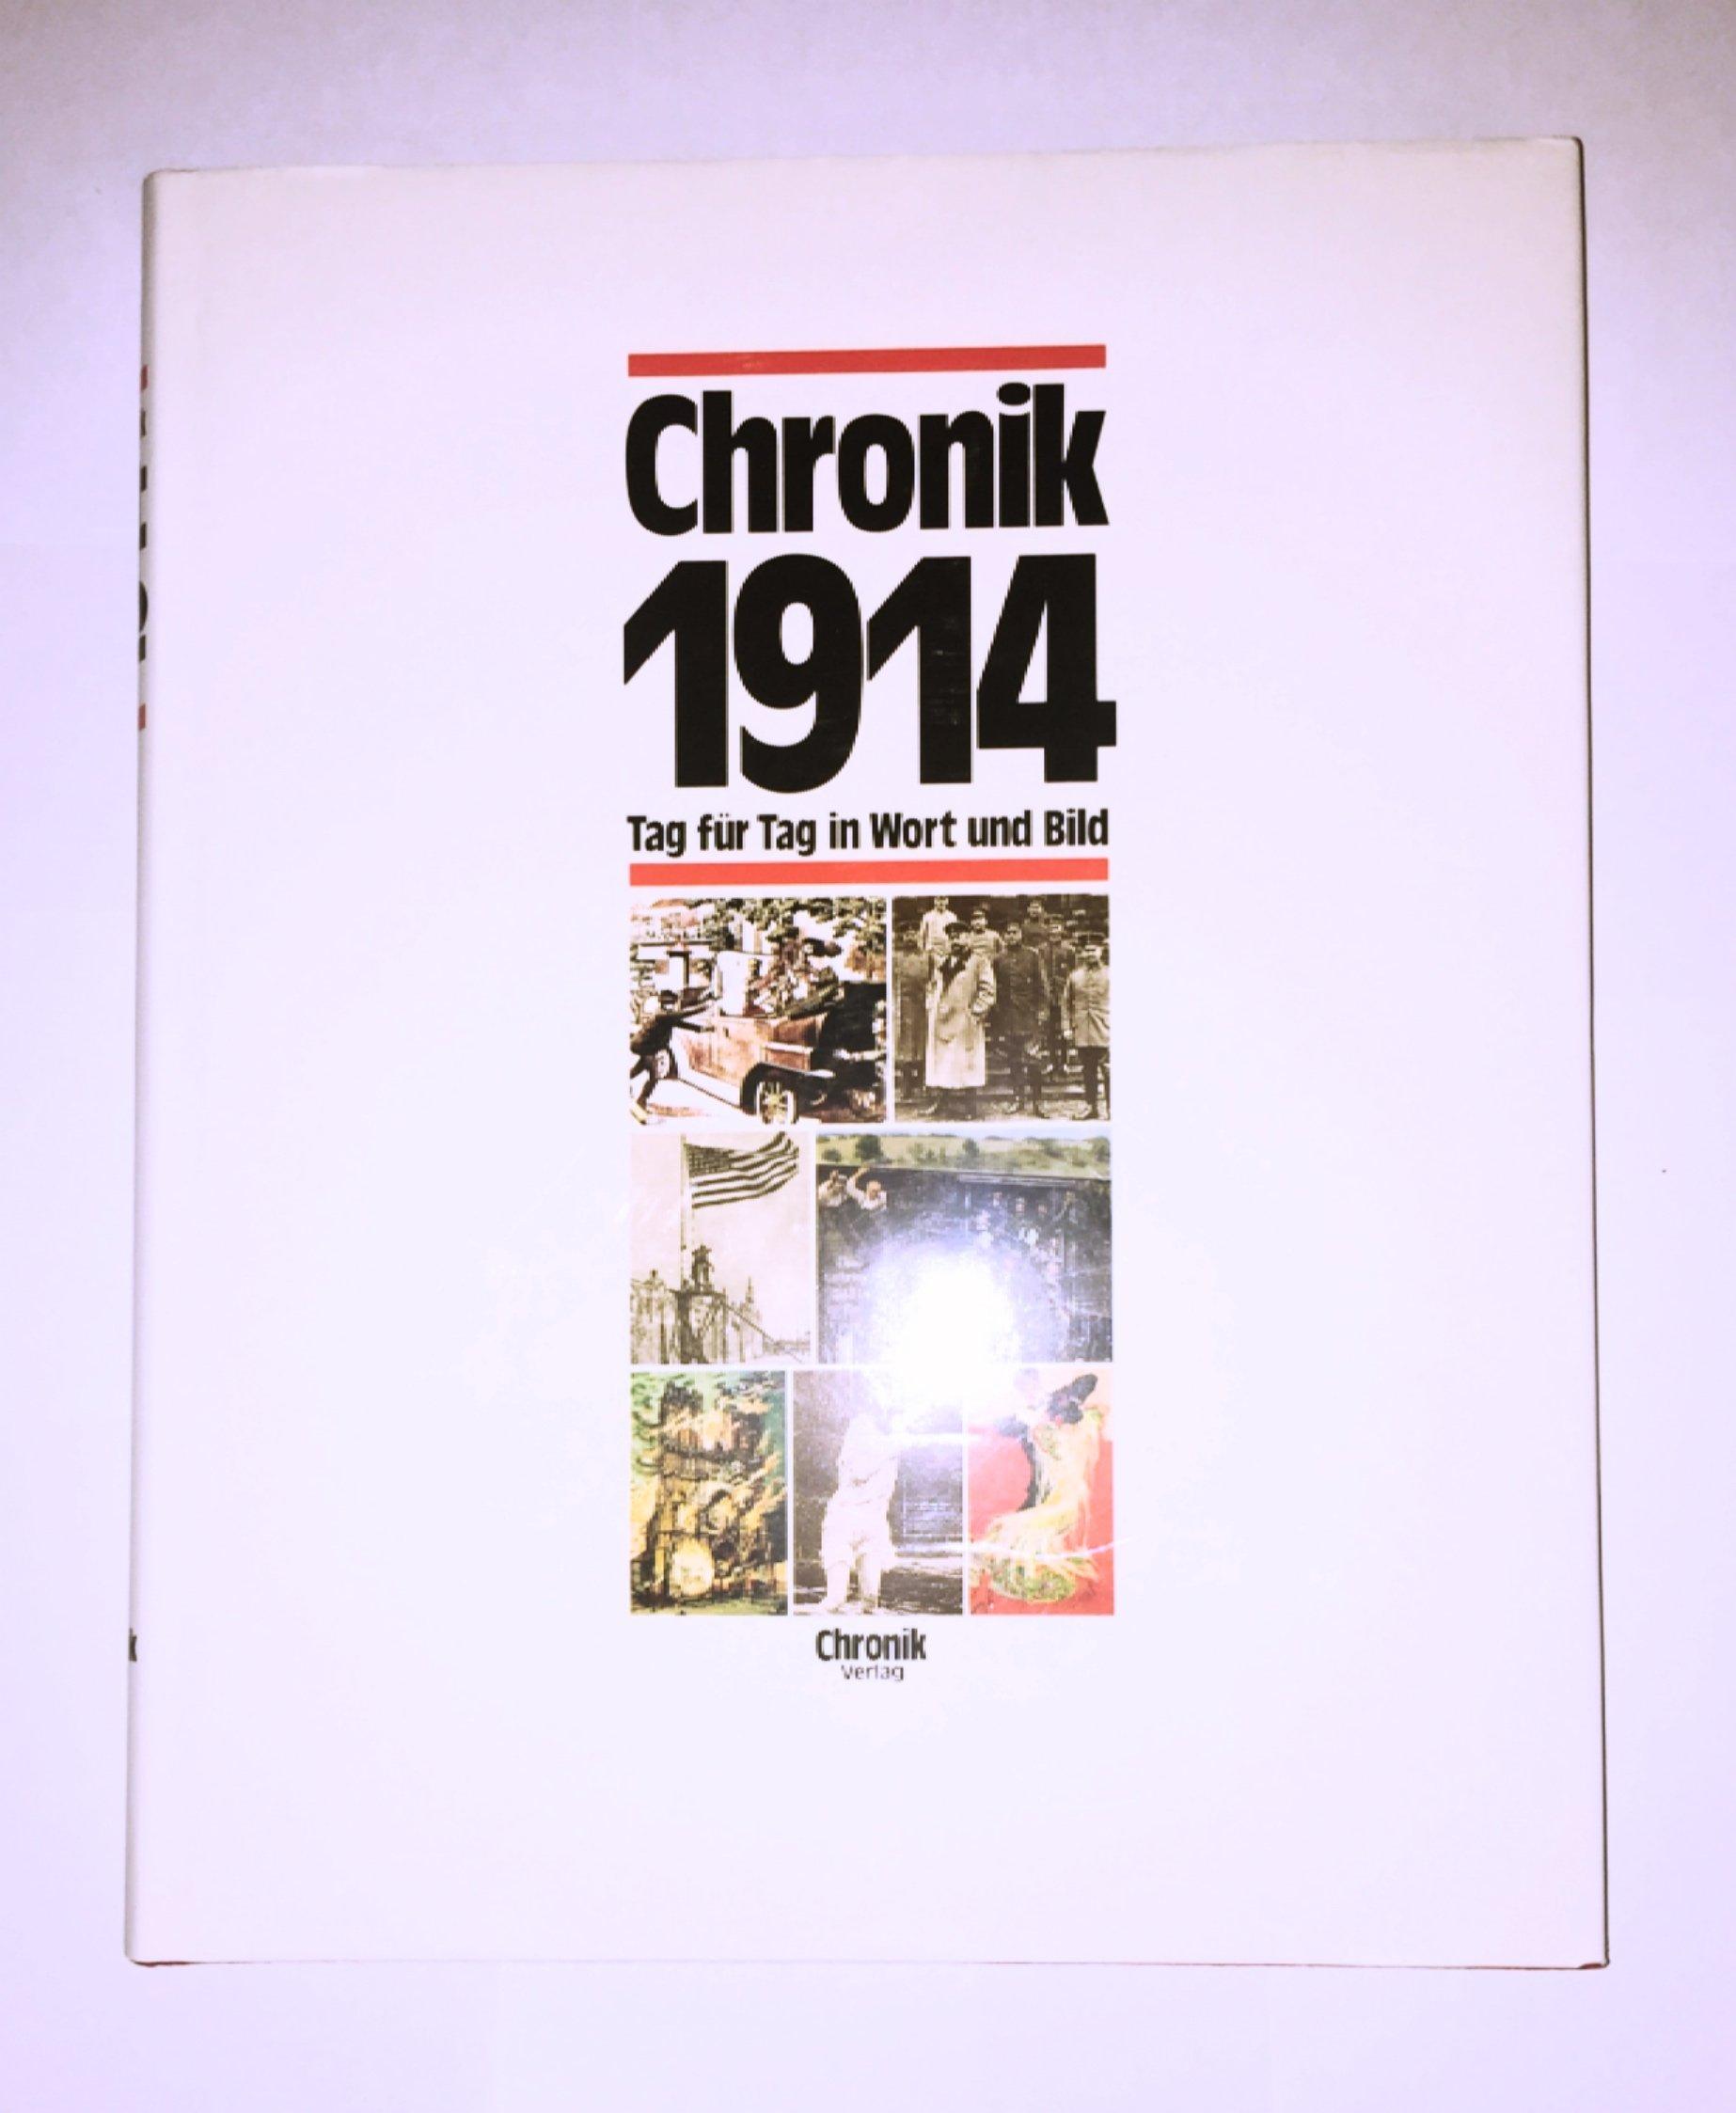 Chronik 1914 (Chronik / Bibliothek des 20. Jahrhunderts. Tag für Tag in Wort und Bild)